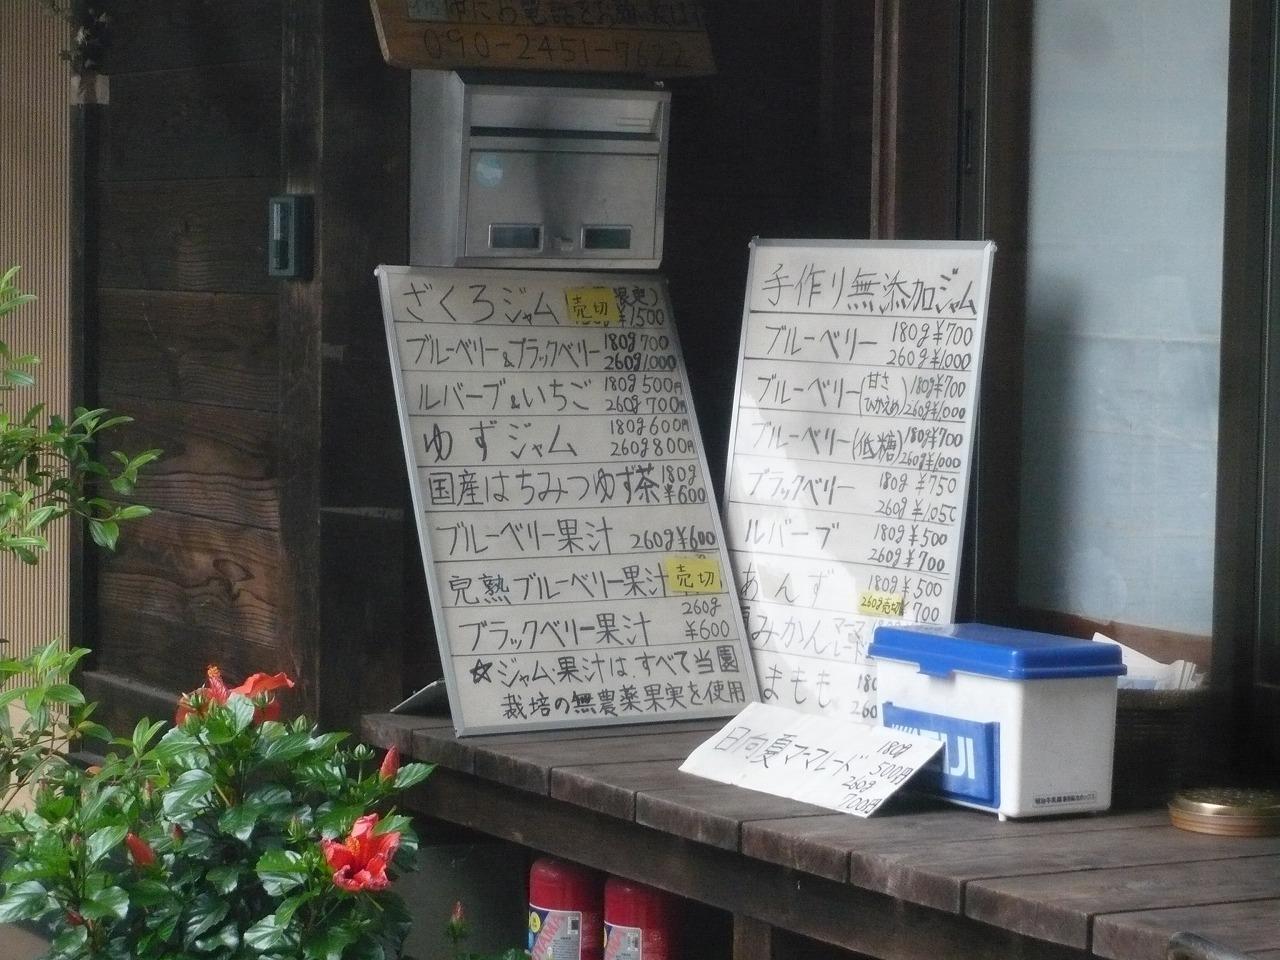 ポタリング 代々木・刀剣美術館_a0262093_17312546.jpg